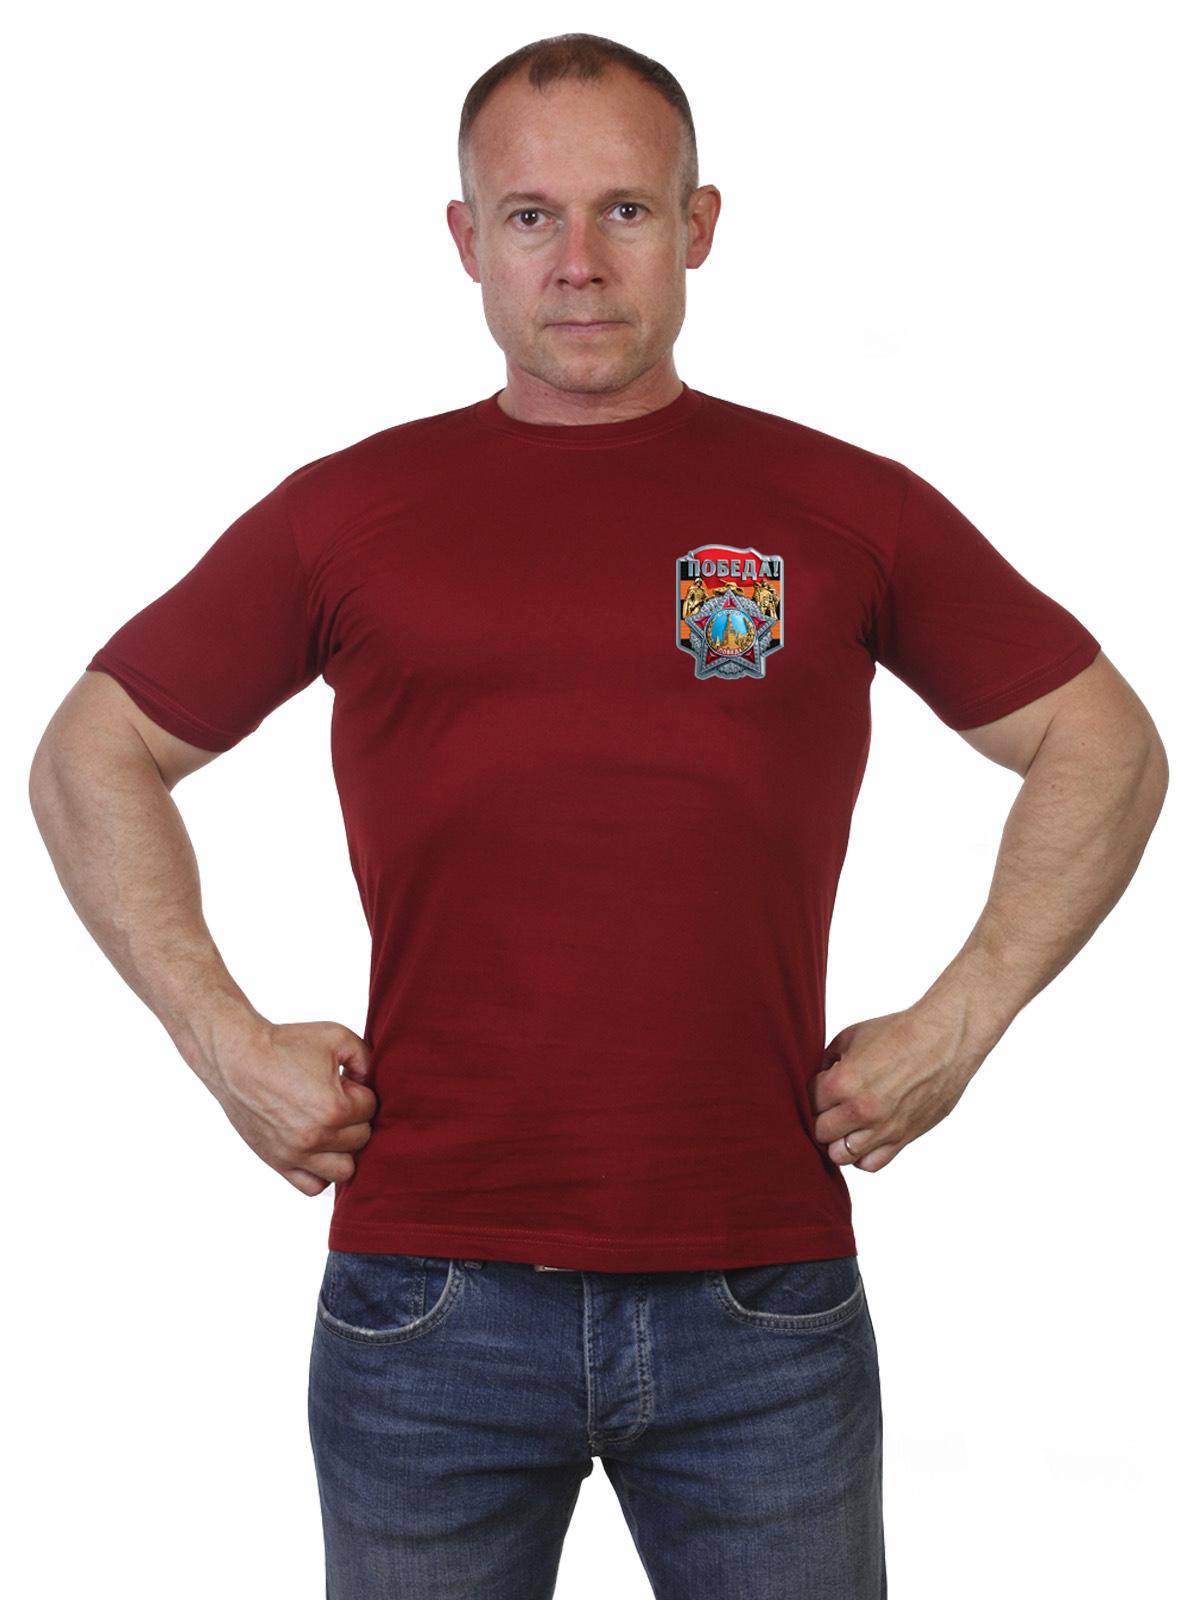 Заказать футболку с принтом Победа